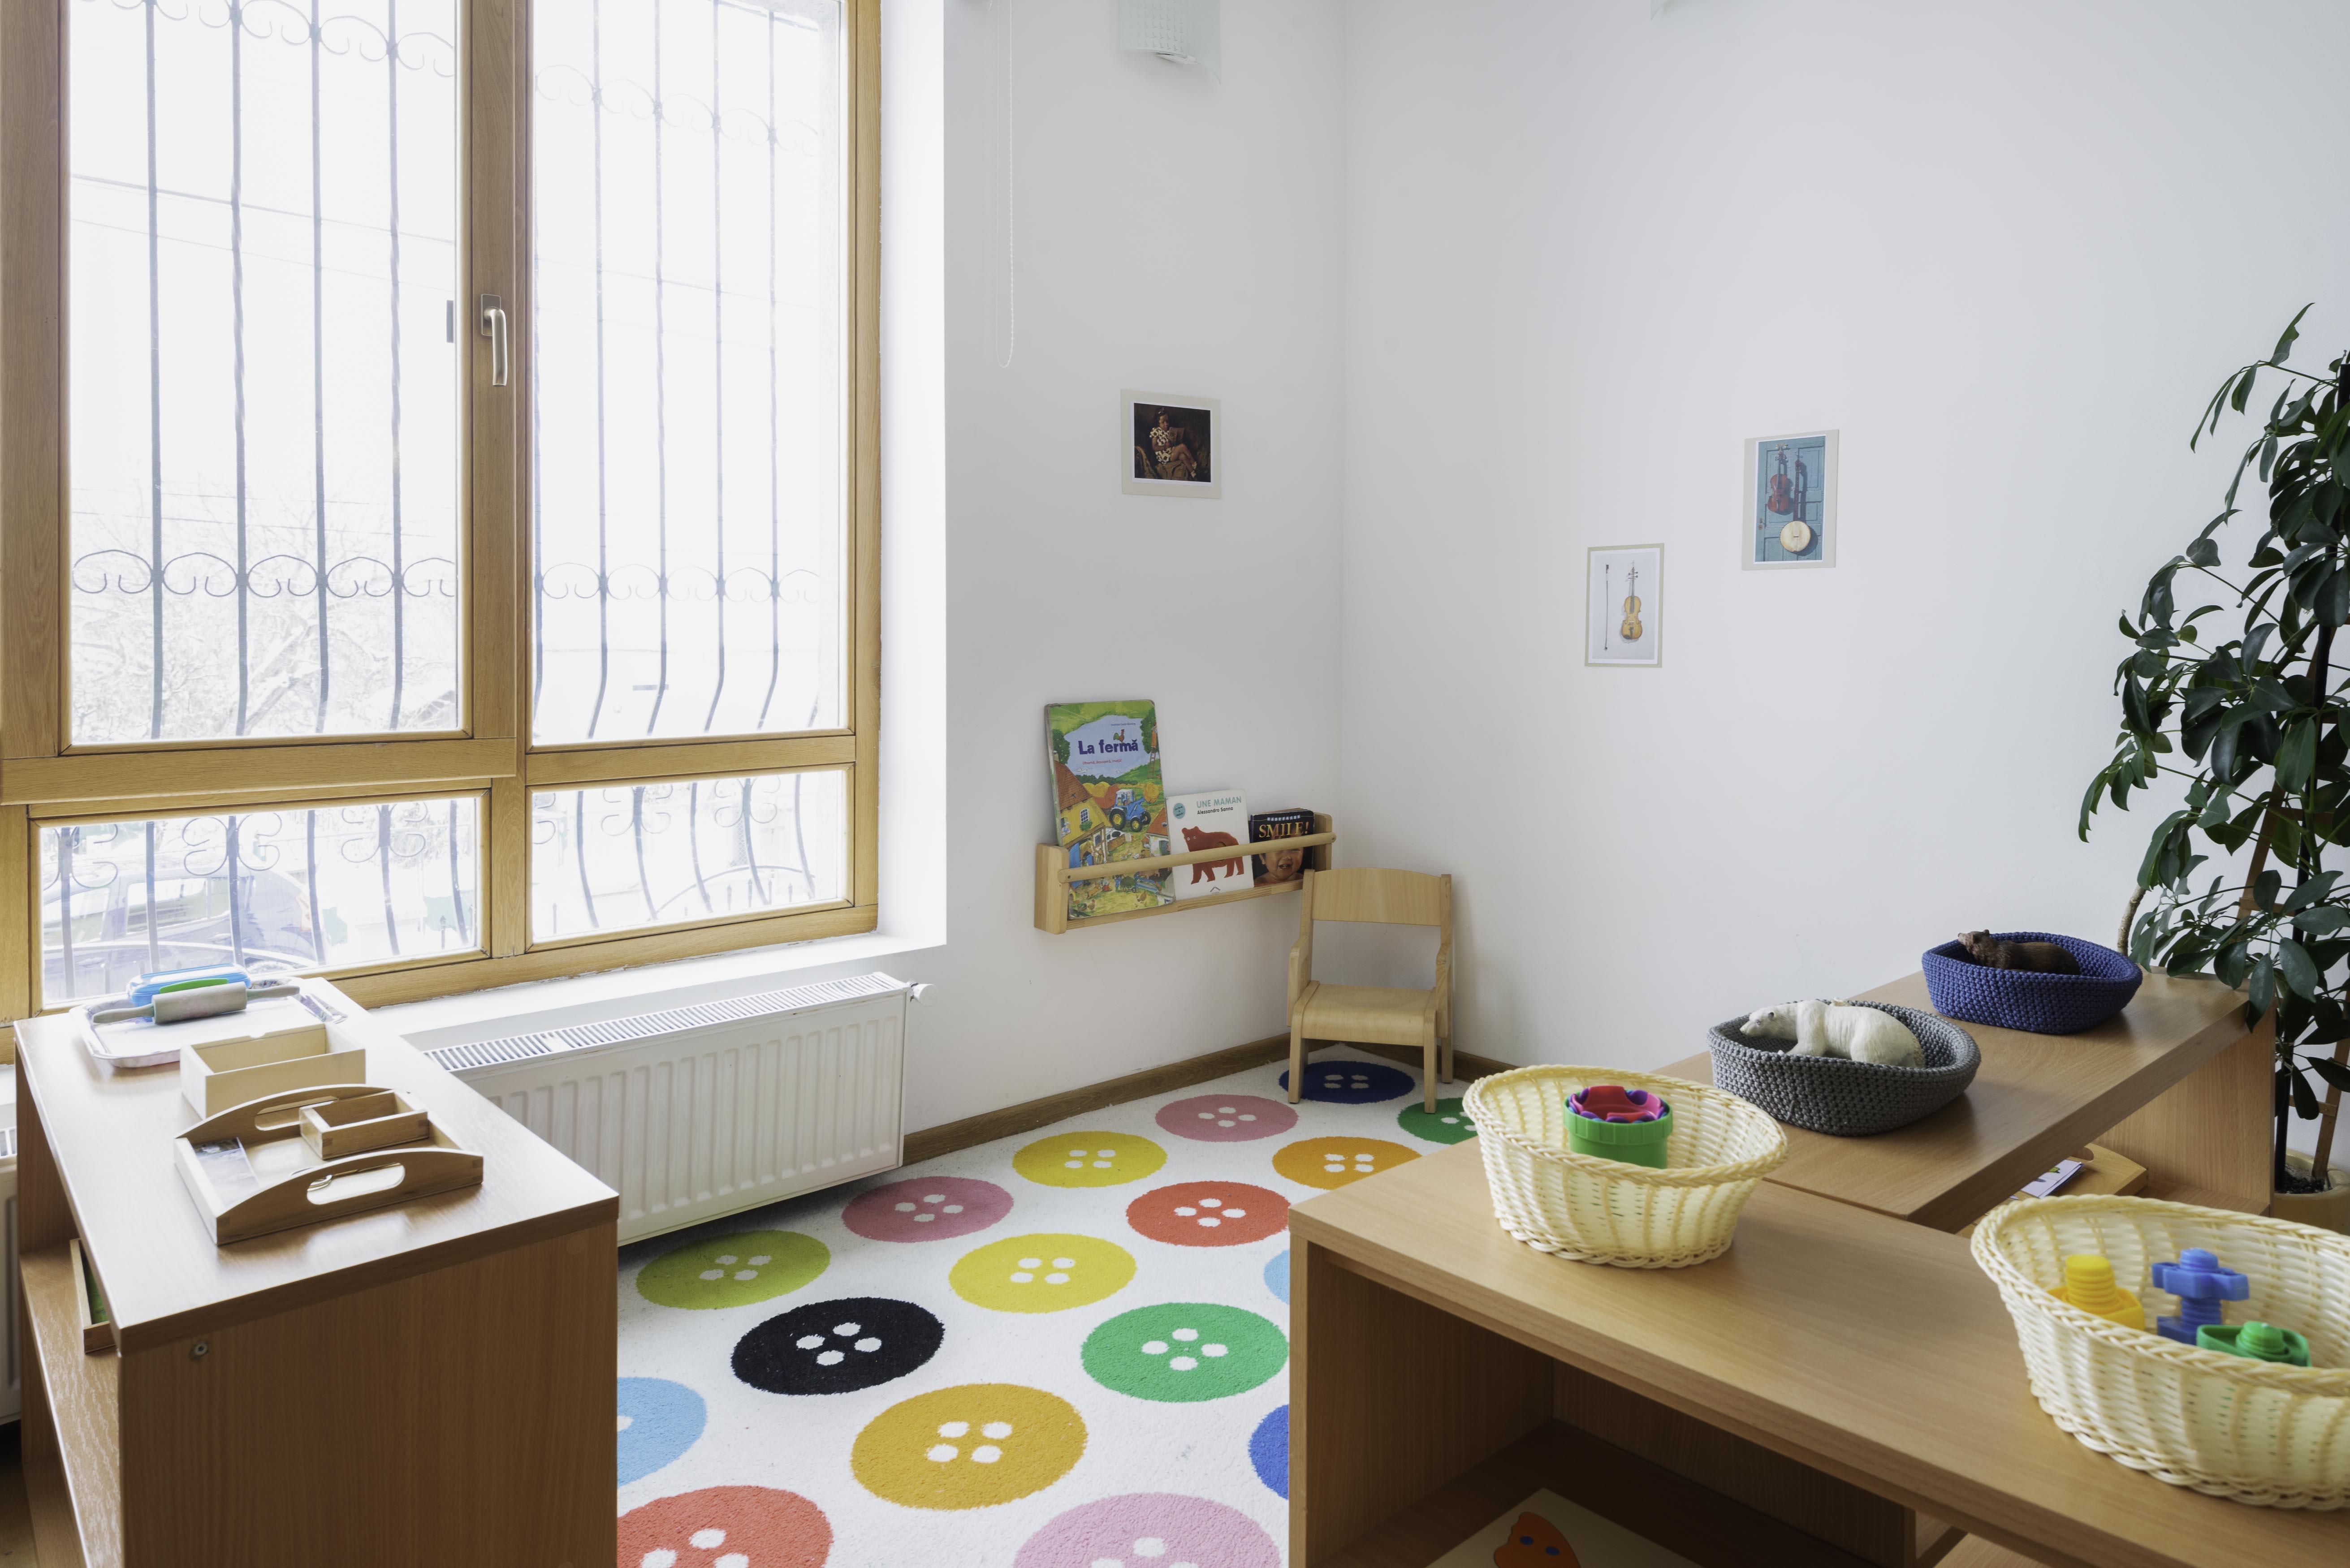 elemente ale educatiei Montessori